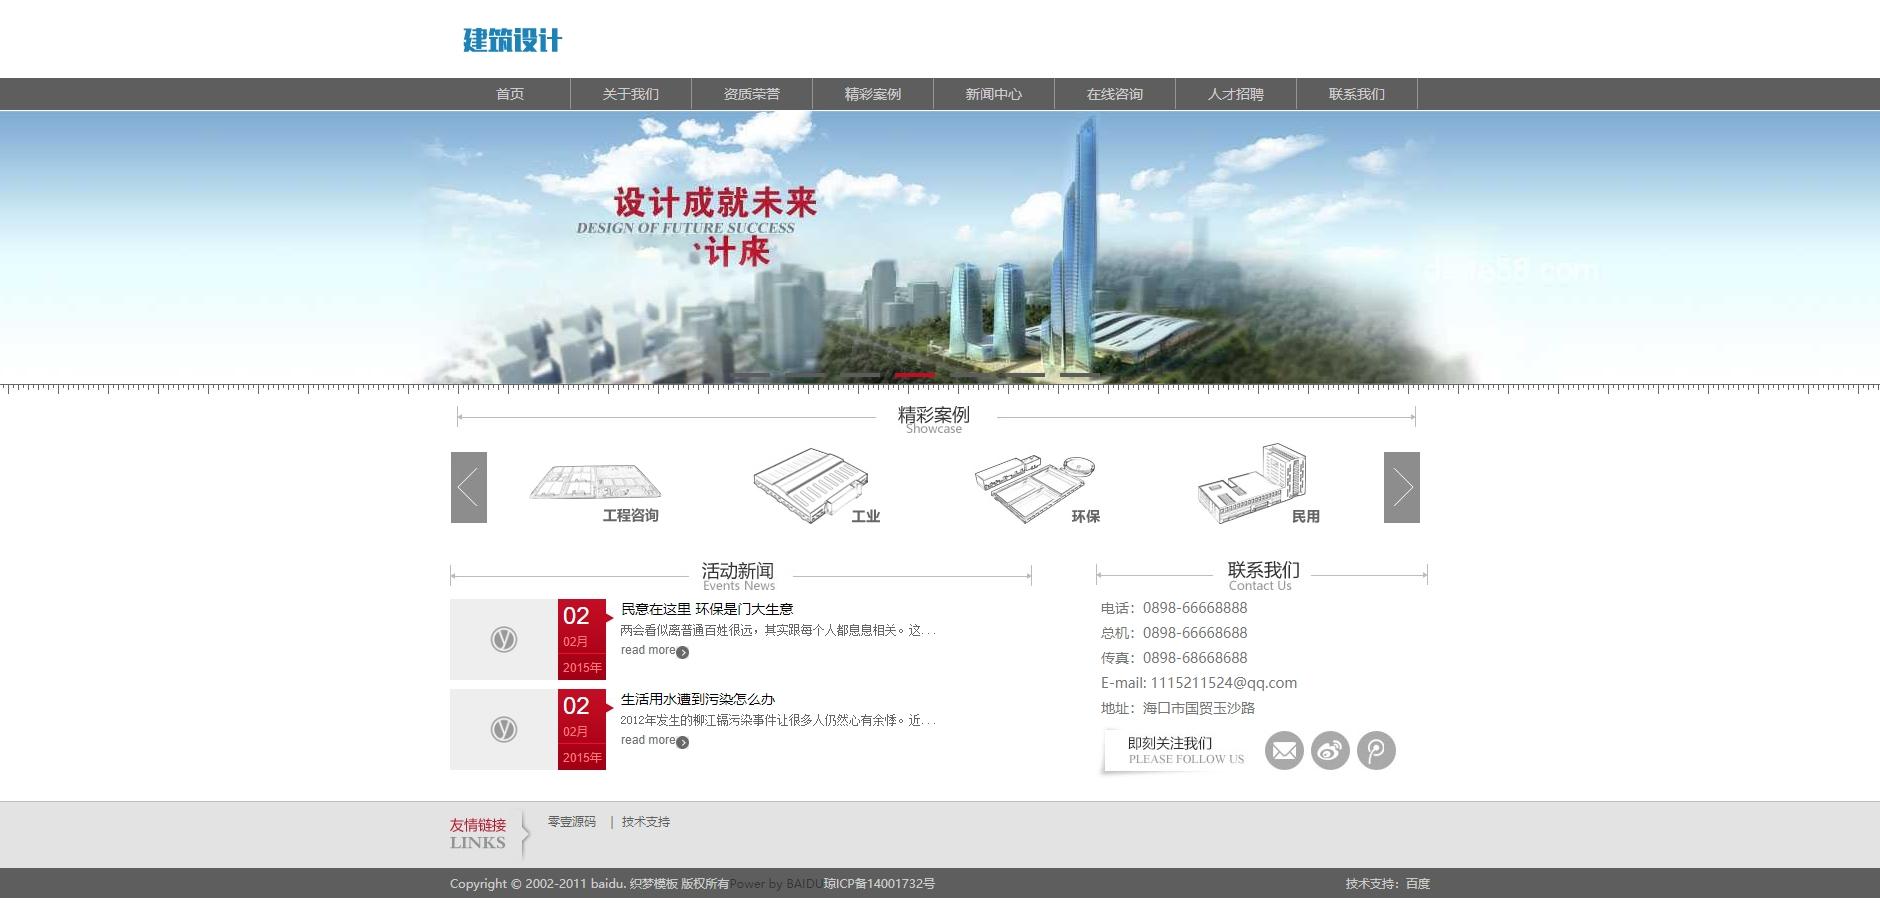 红灰色建筑设计类企业通用织梦dedecms整站模板